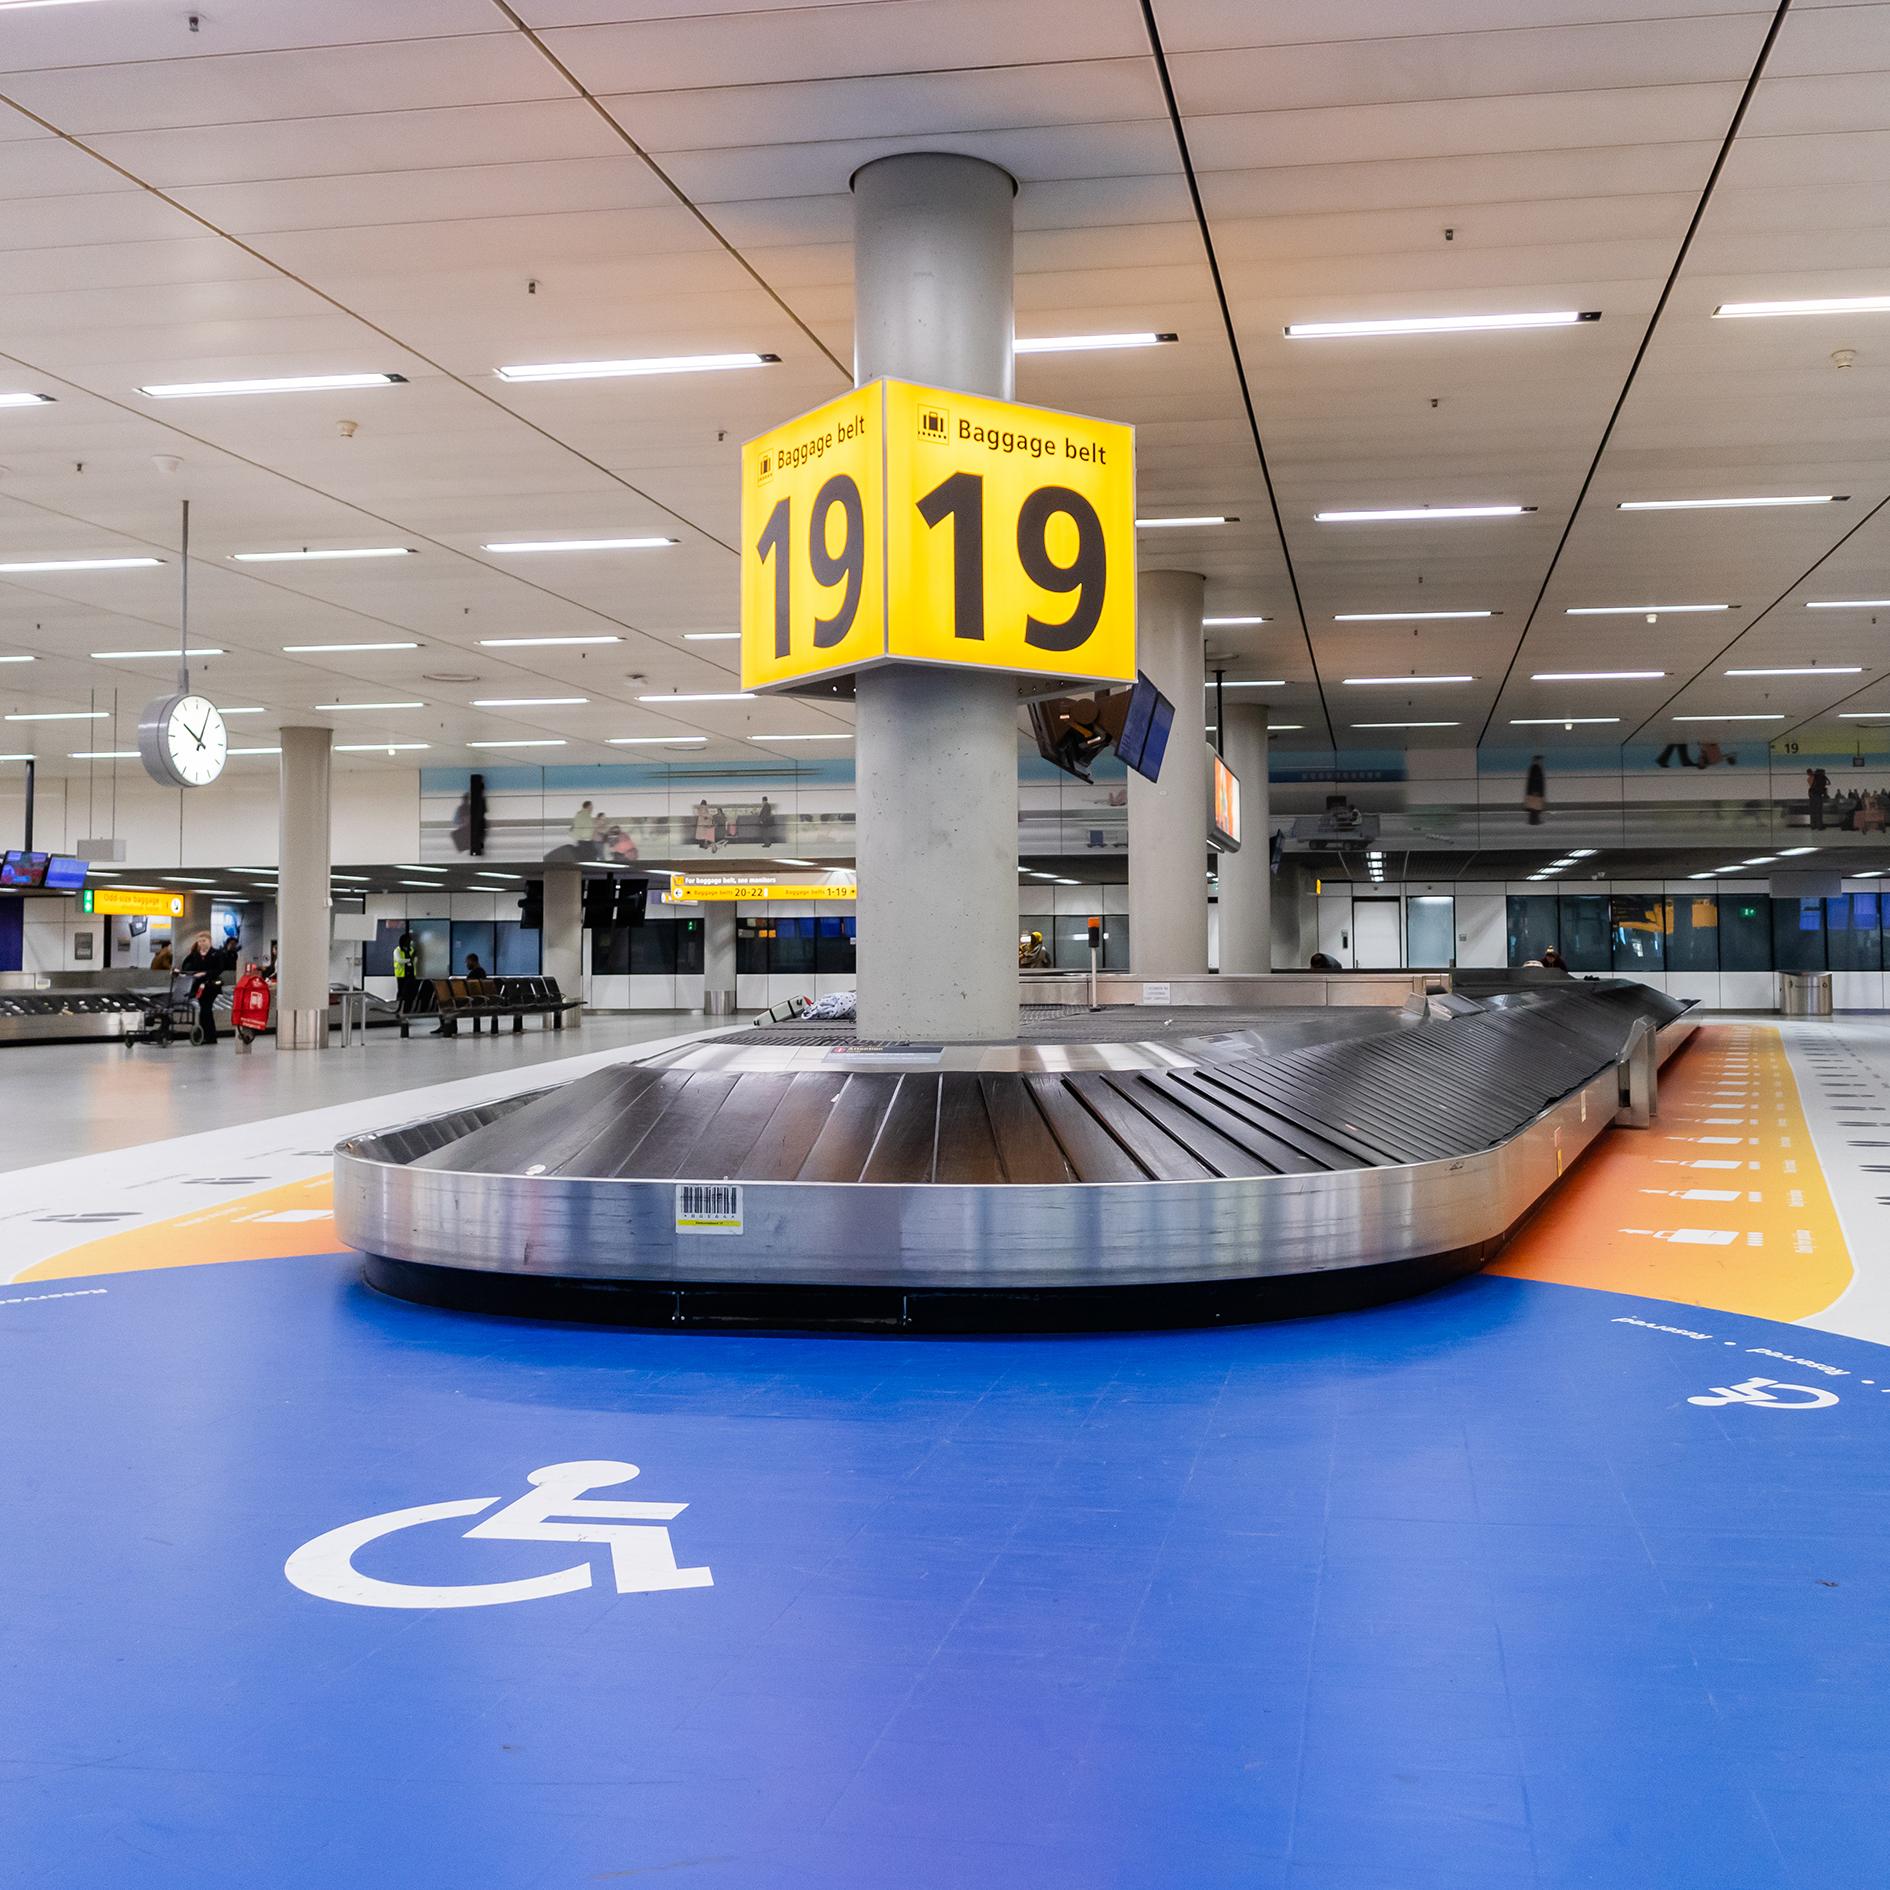 Invalide markering bij de bagageband op Schiphol